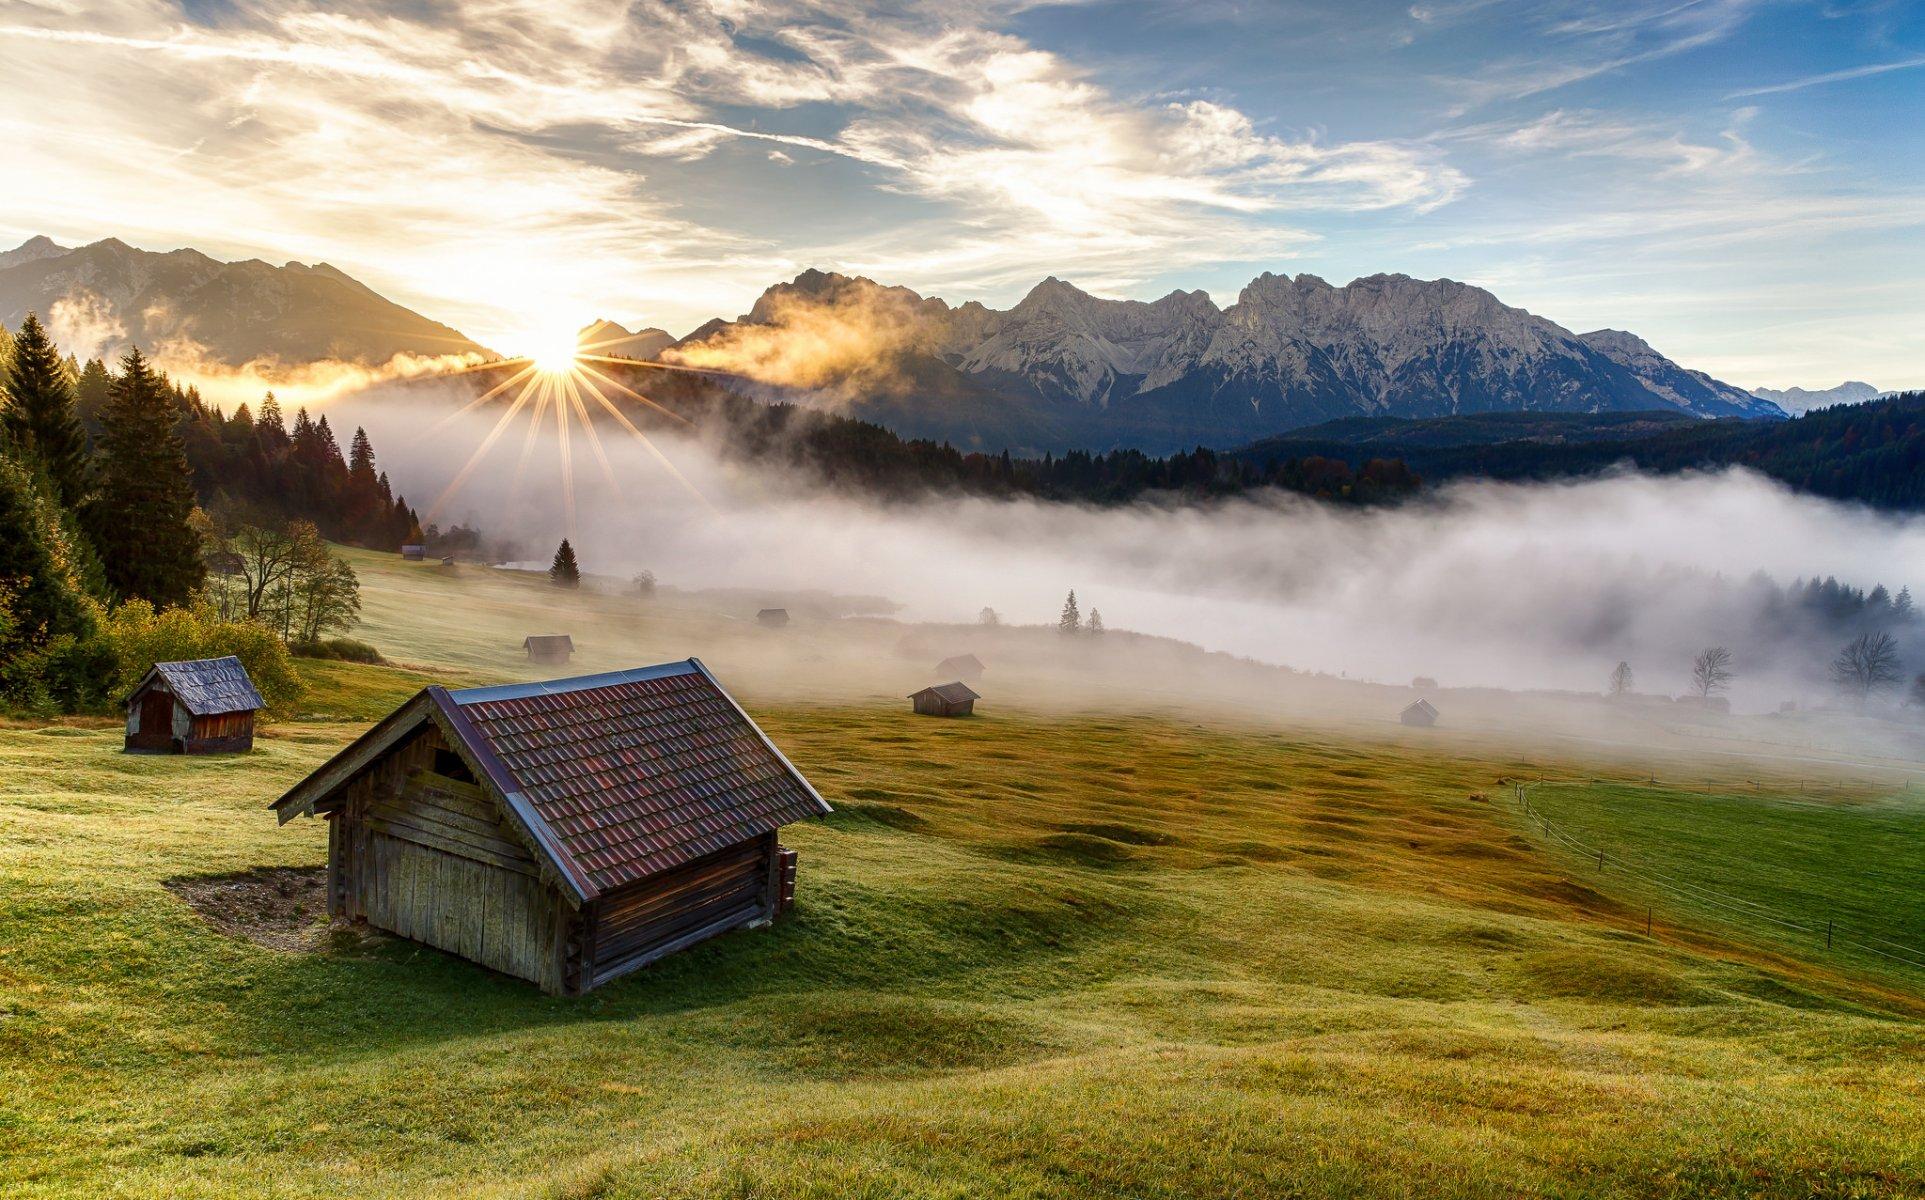 Обои Облака, бавария, германия, горы, природа, свет. Природа foto 6